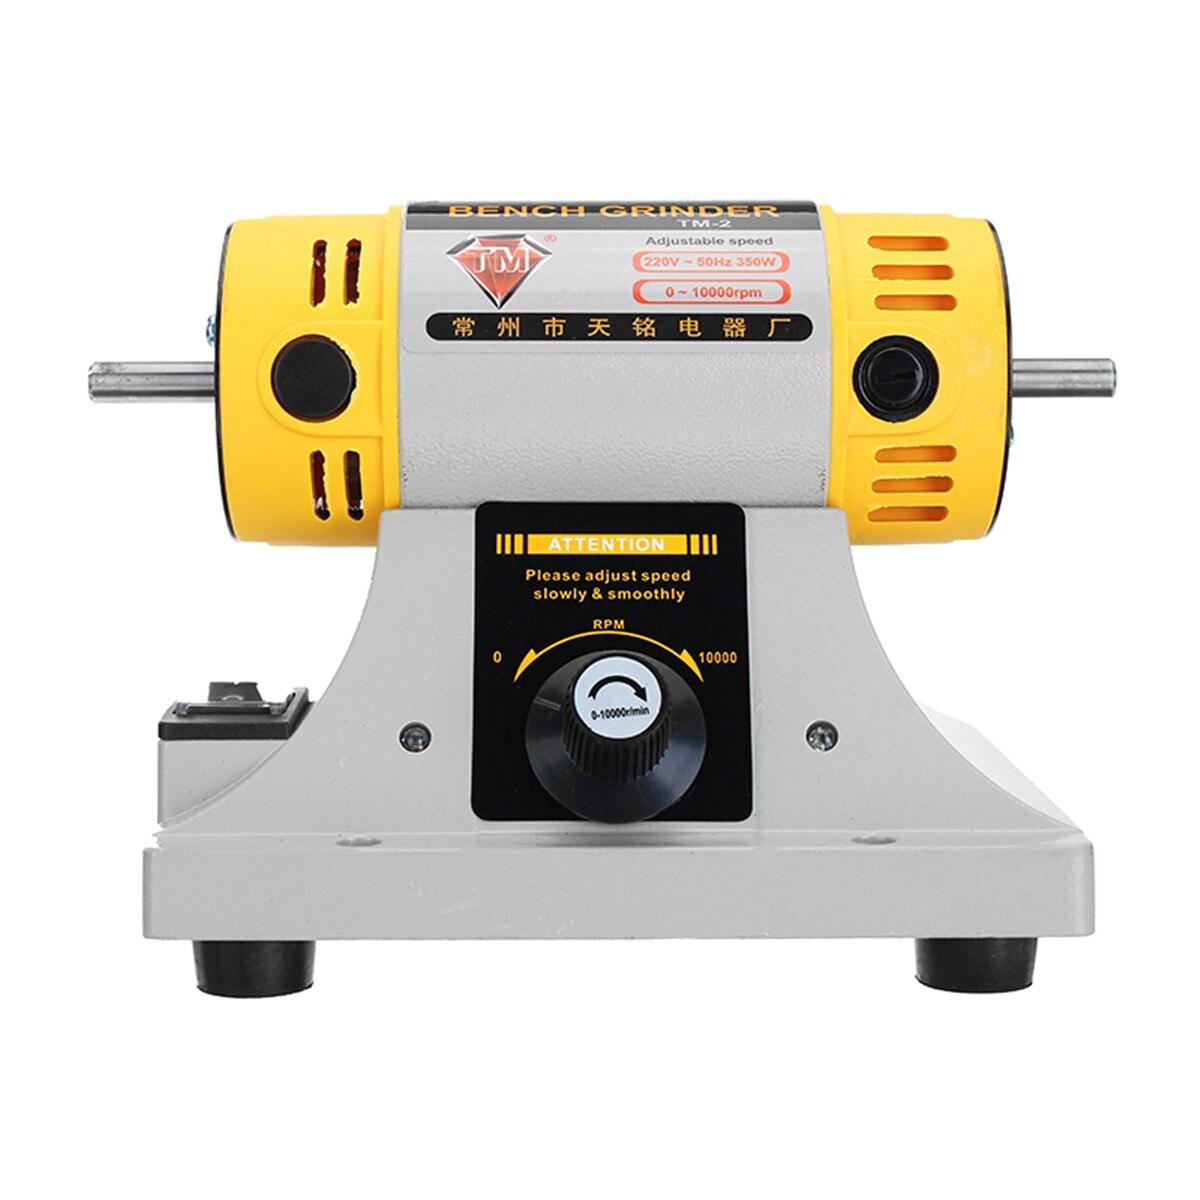 350W 220V Multi-zweck Mini Benchs Grinder Polieren Maschine Kit Für Schmuck Dental Schmuck Motor Drehmaschine Benchs grinder Kit Set